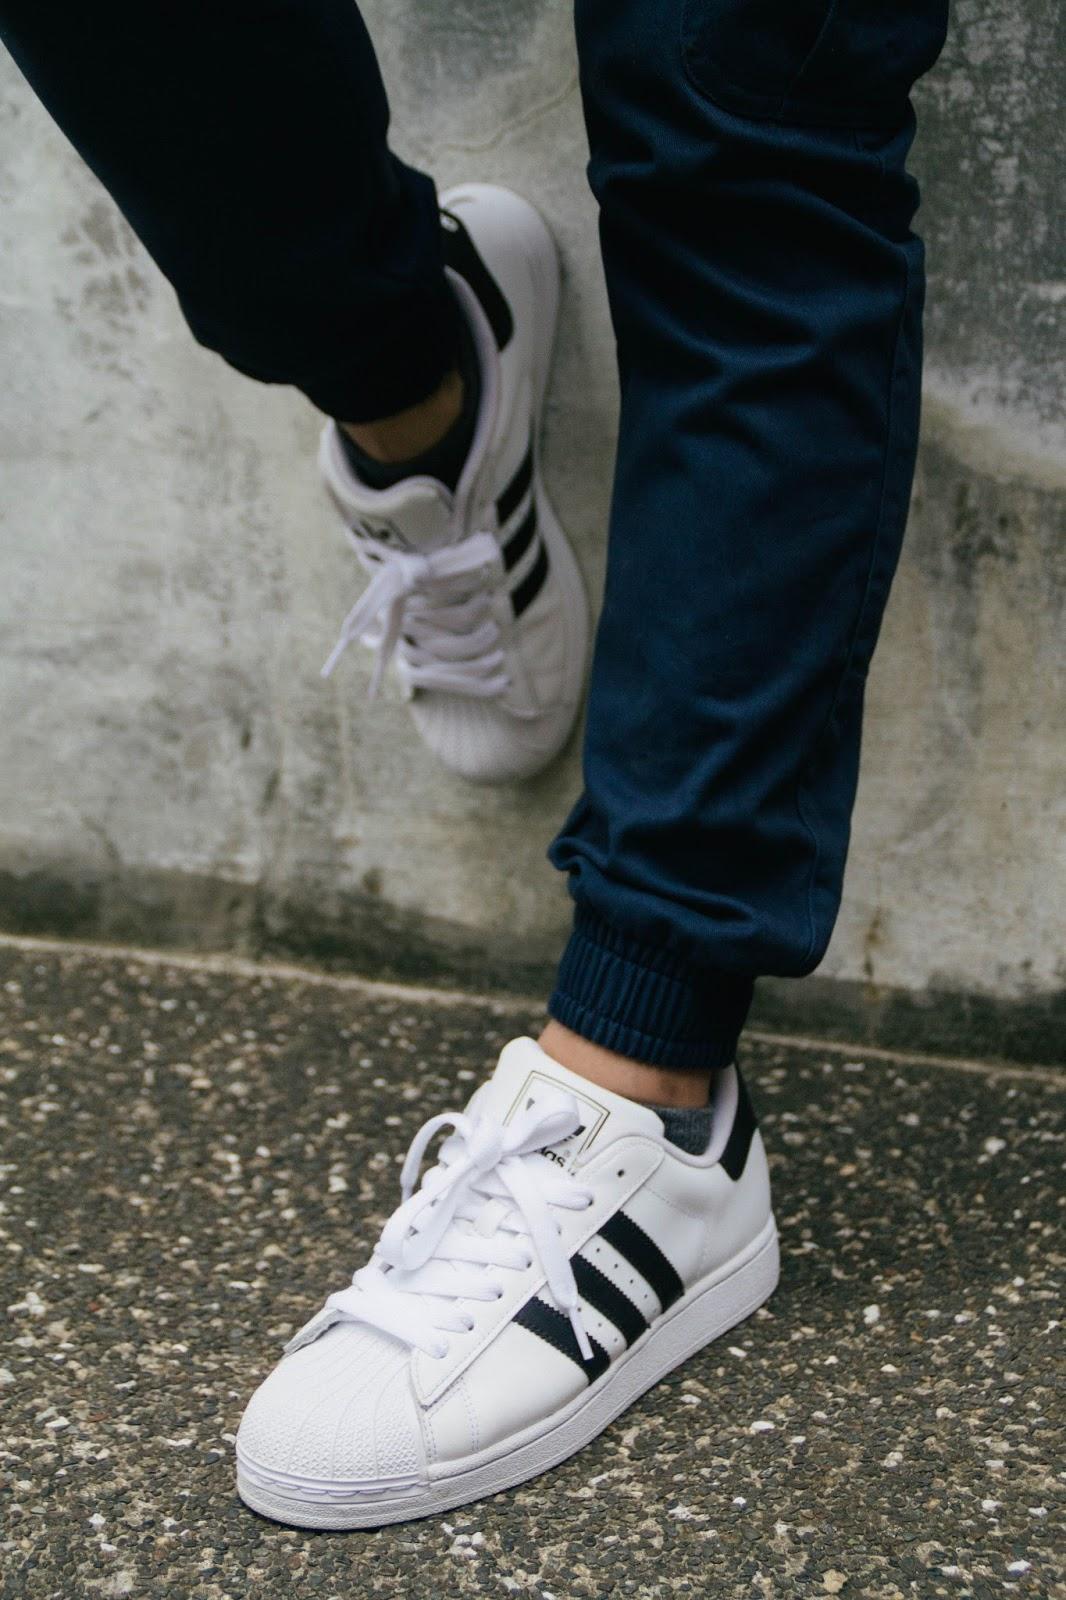 b694d0307da adidas superstar joggers